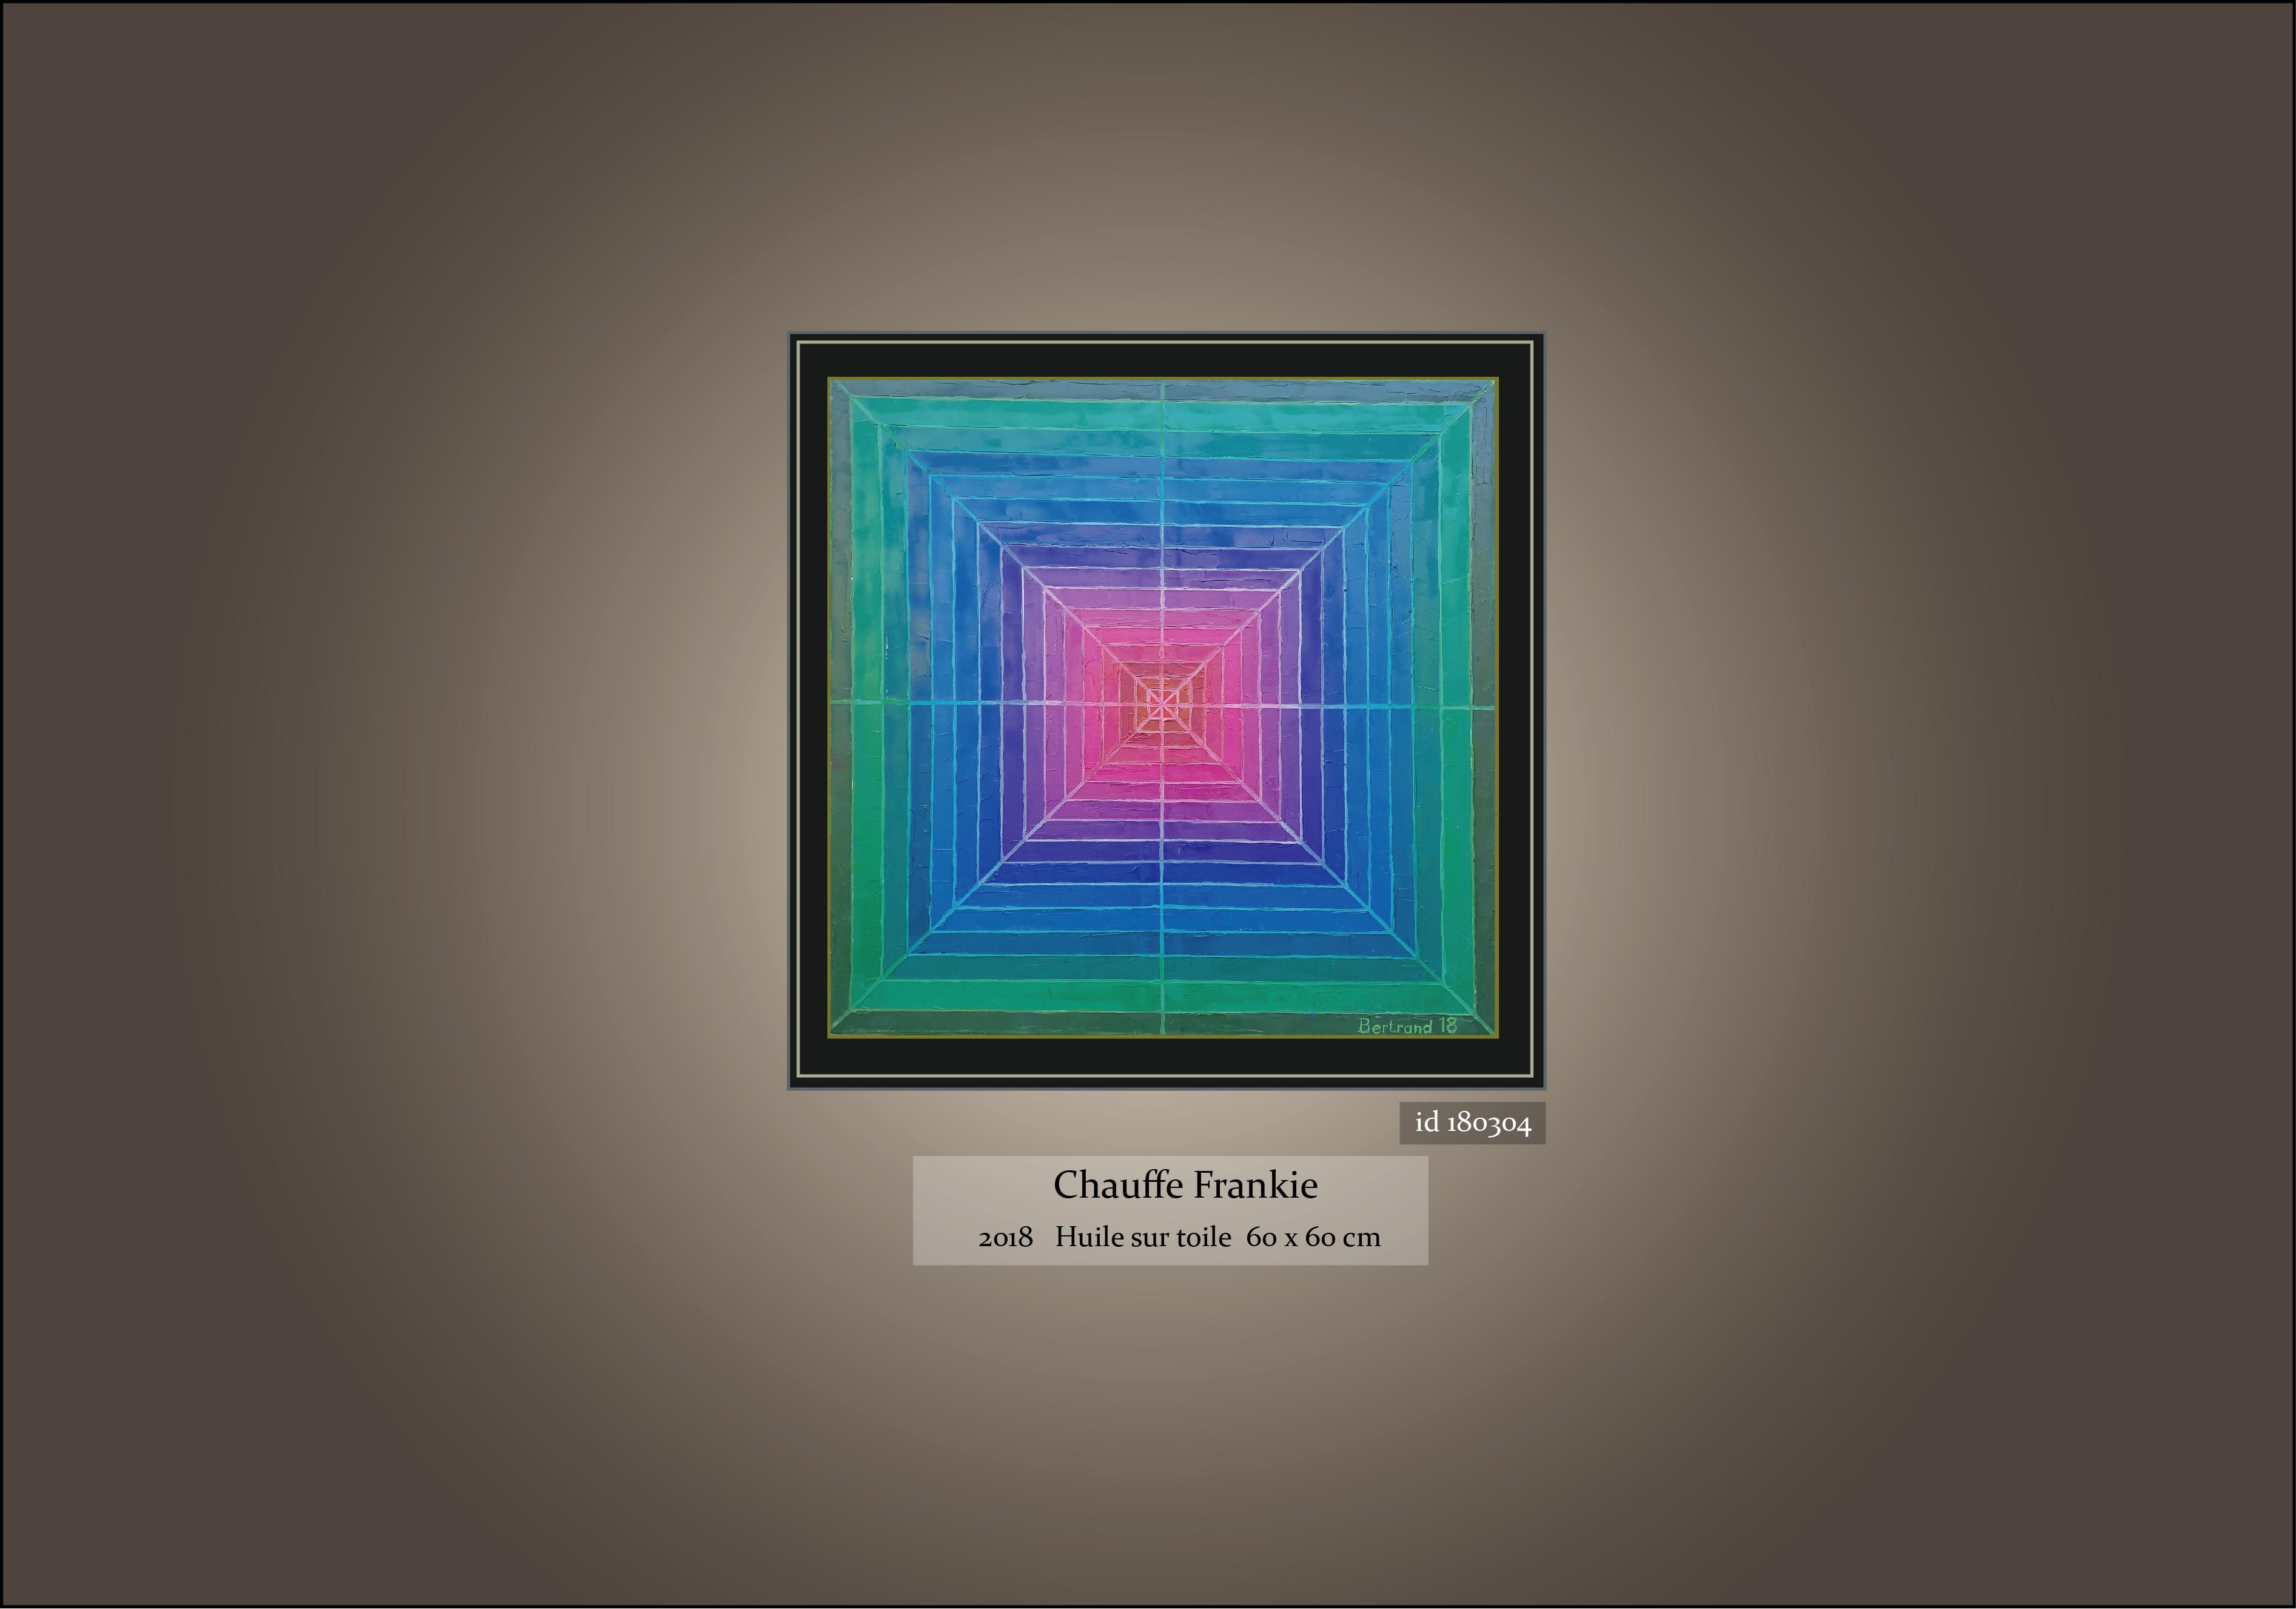 180304  CHAUFFE FRANKIE